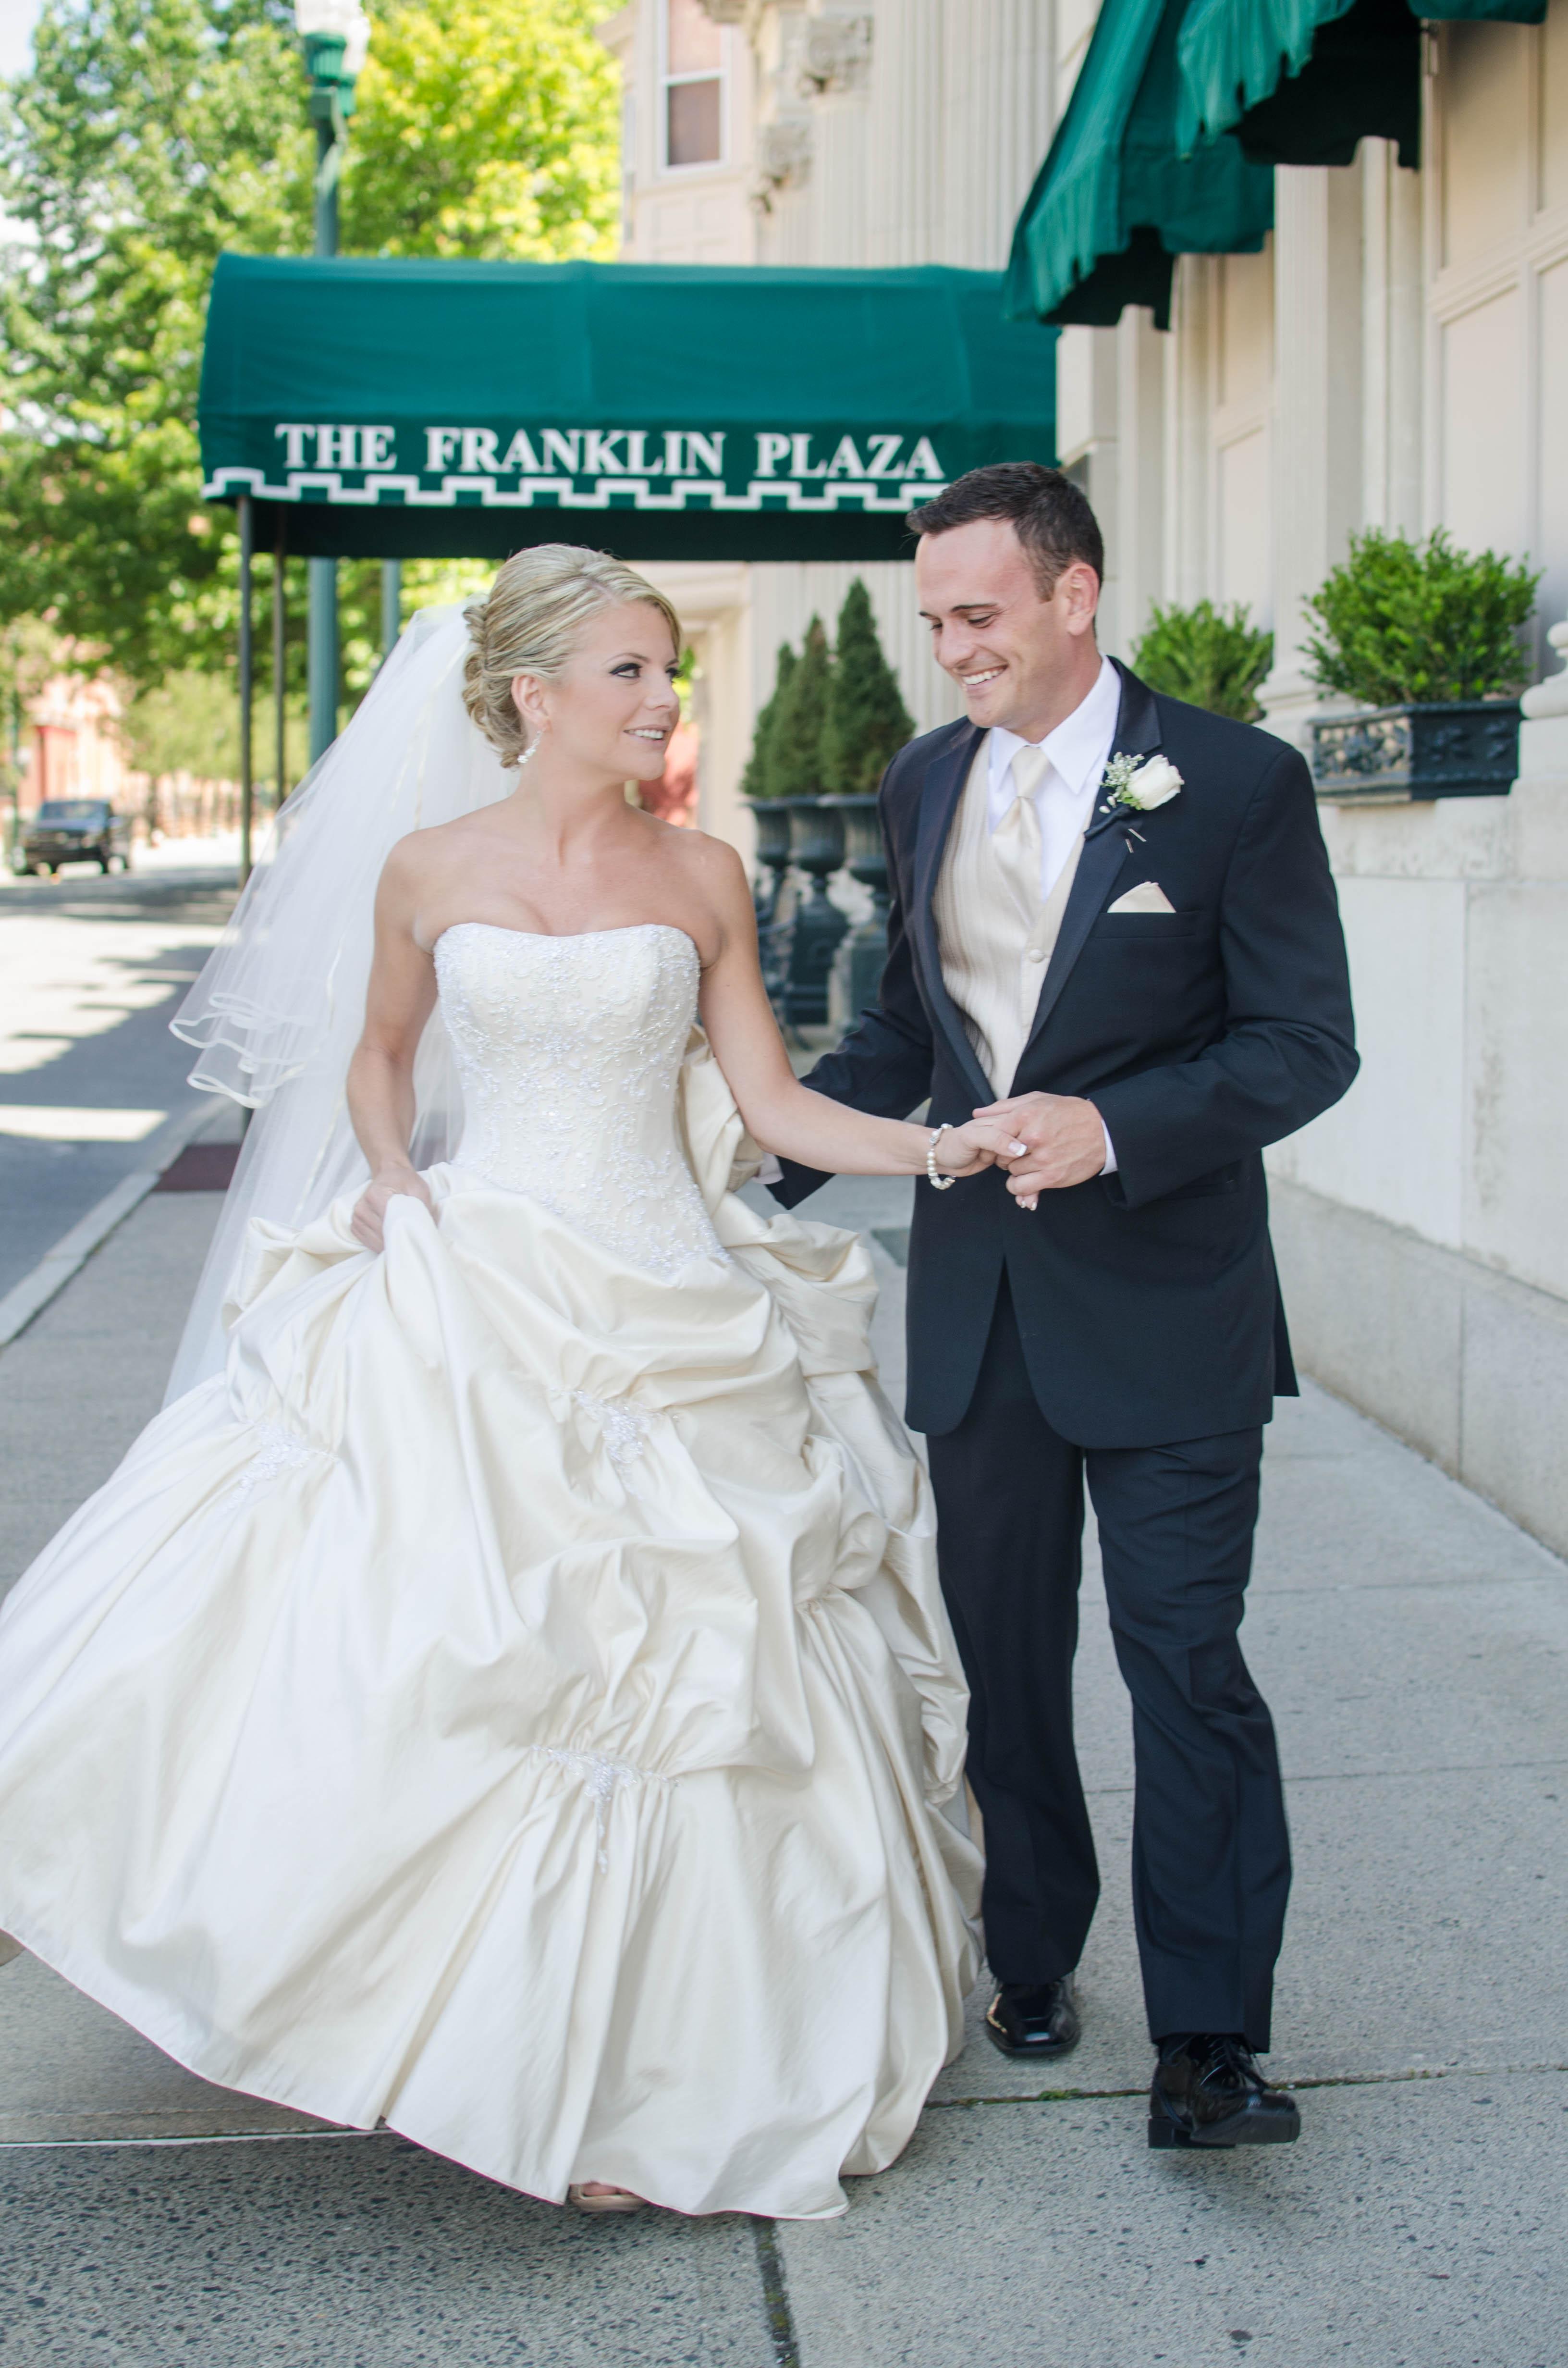 franklin-plaza-wedding photo